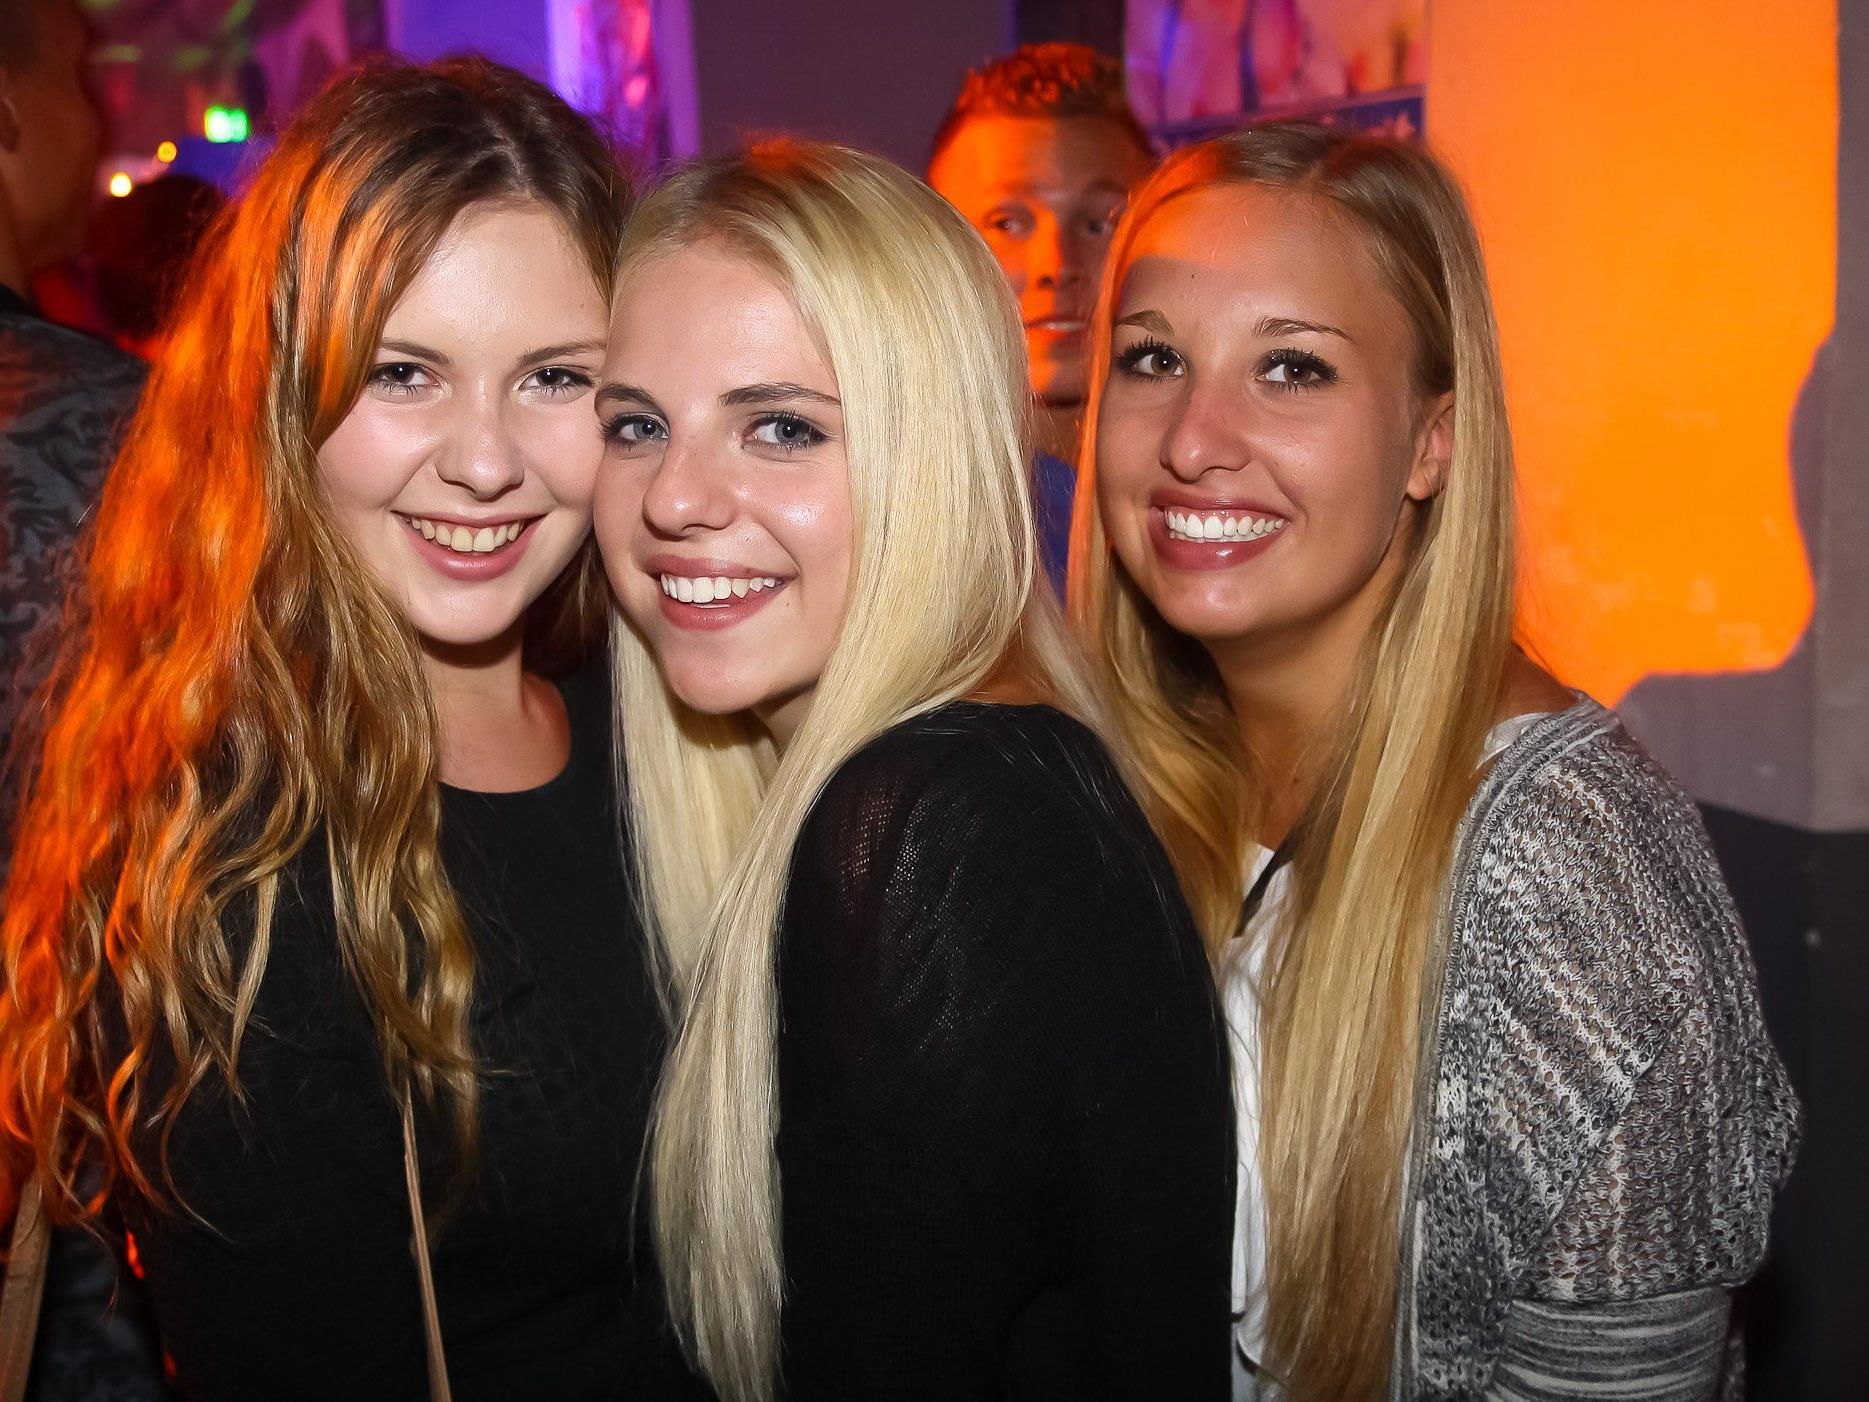 Steinebach-Clubbing: VOL.AT verlost 5 x 2 Tickets!